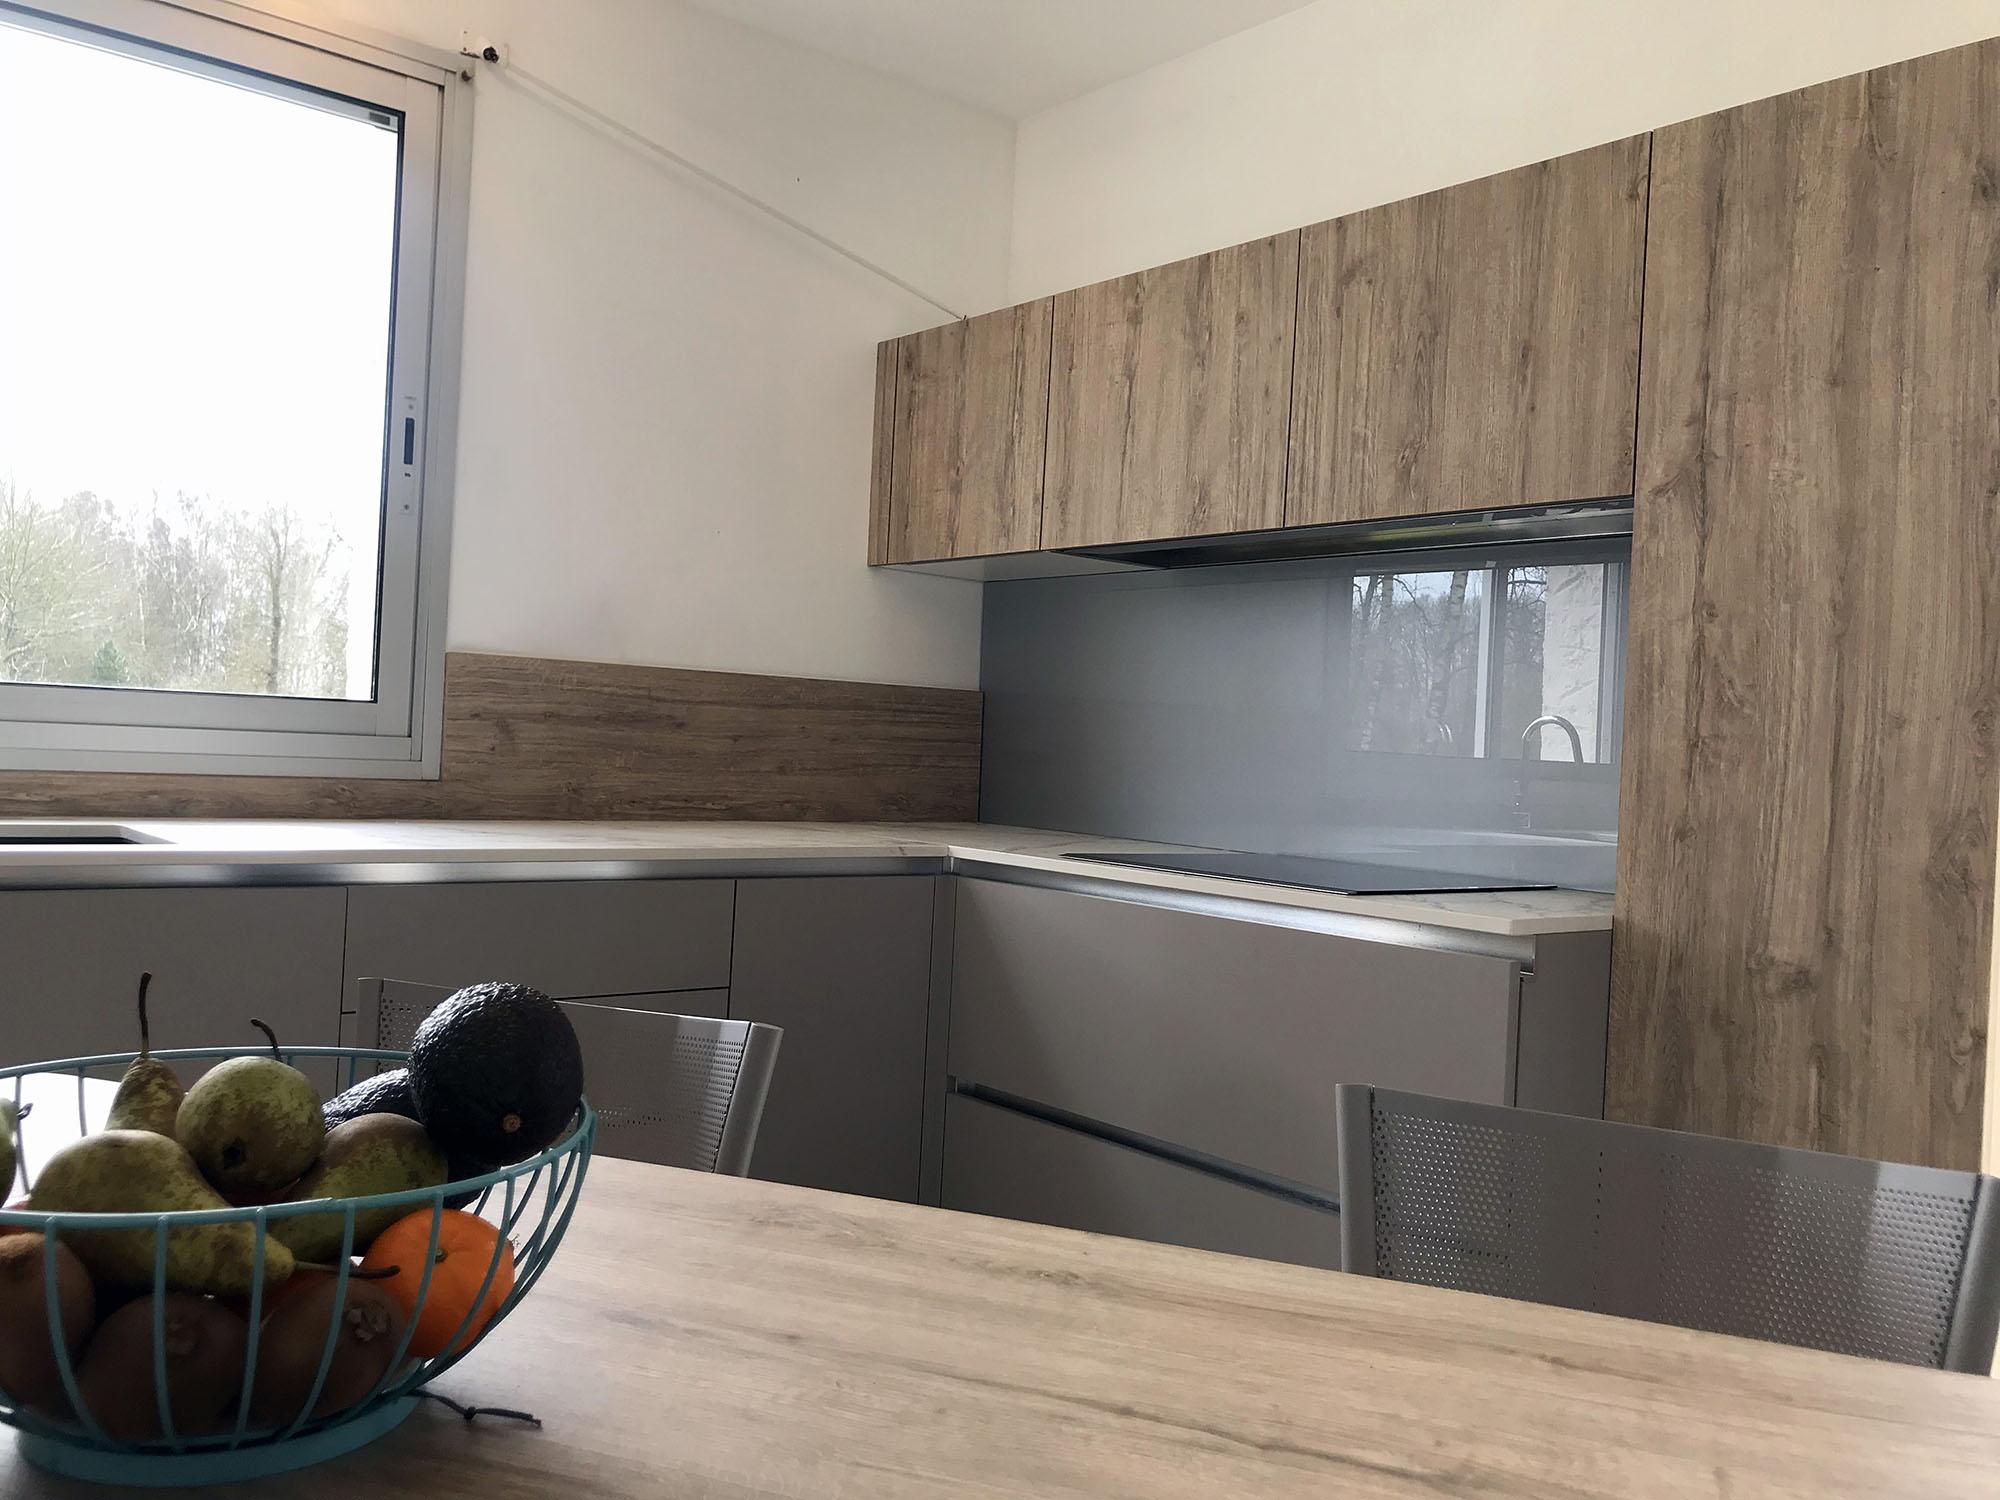 finition de la table en bois vieilli dans cette cuisine sans poignée